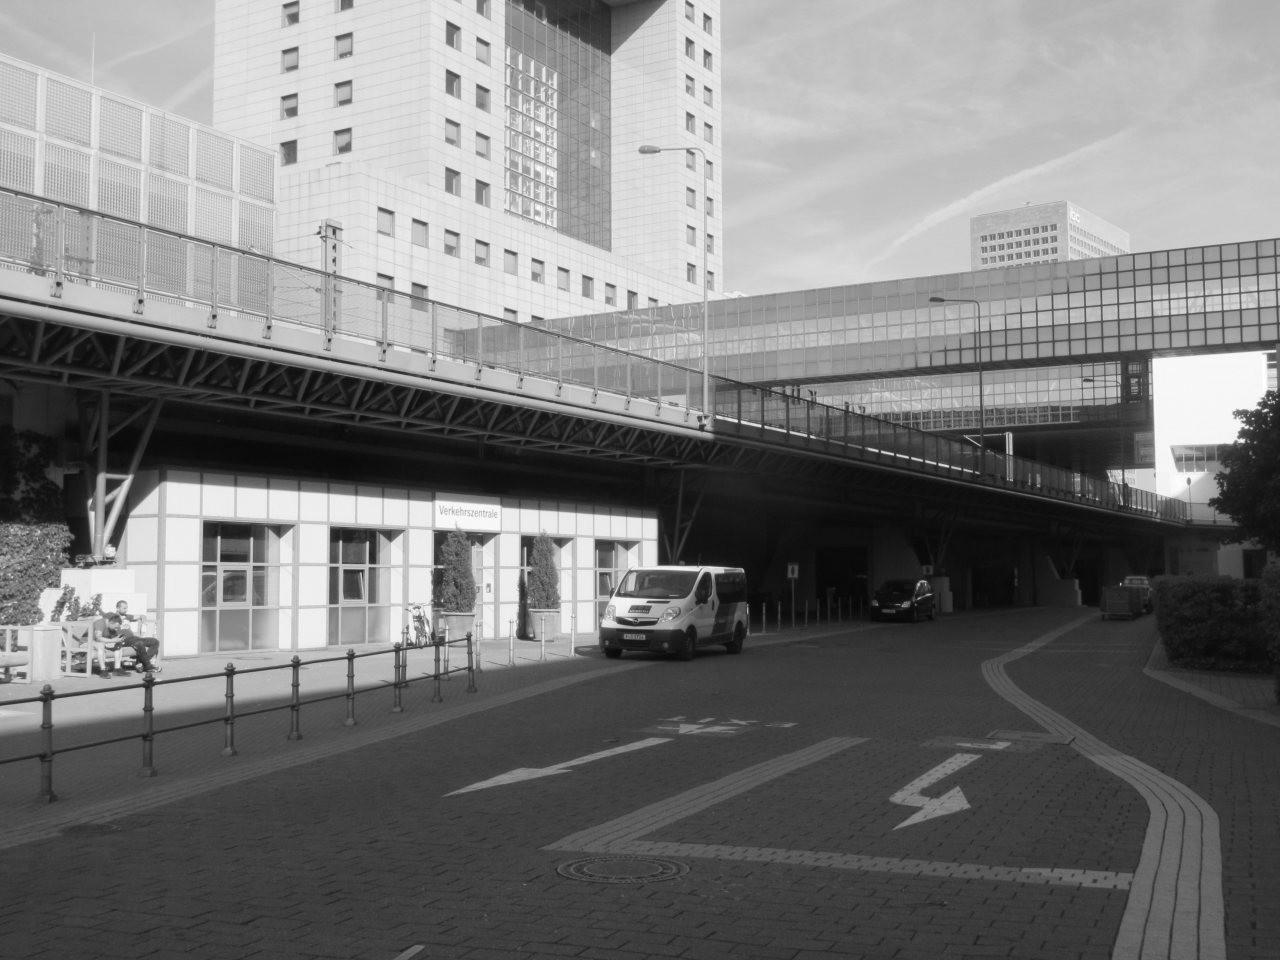 Brückenprüfungen an Bahnbrücken in Frankfurt/Main